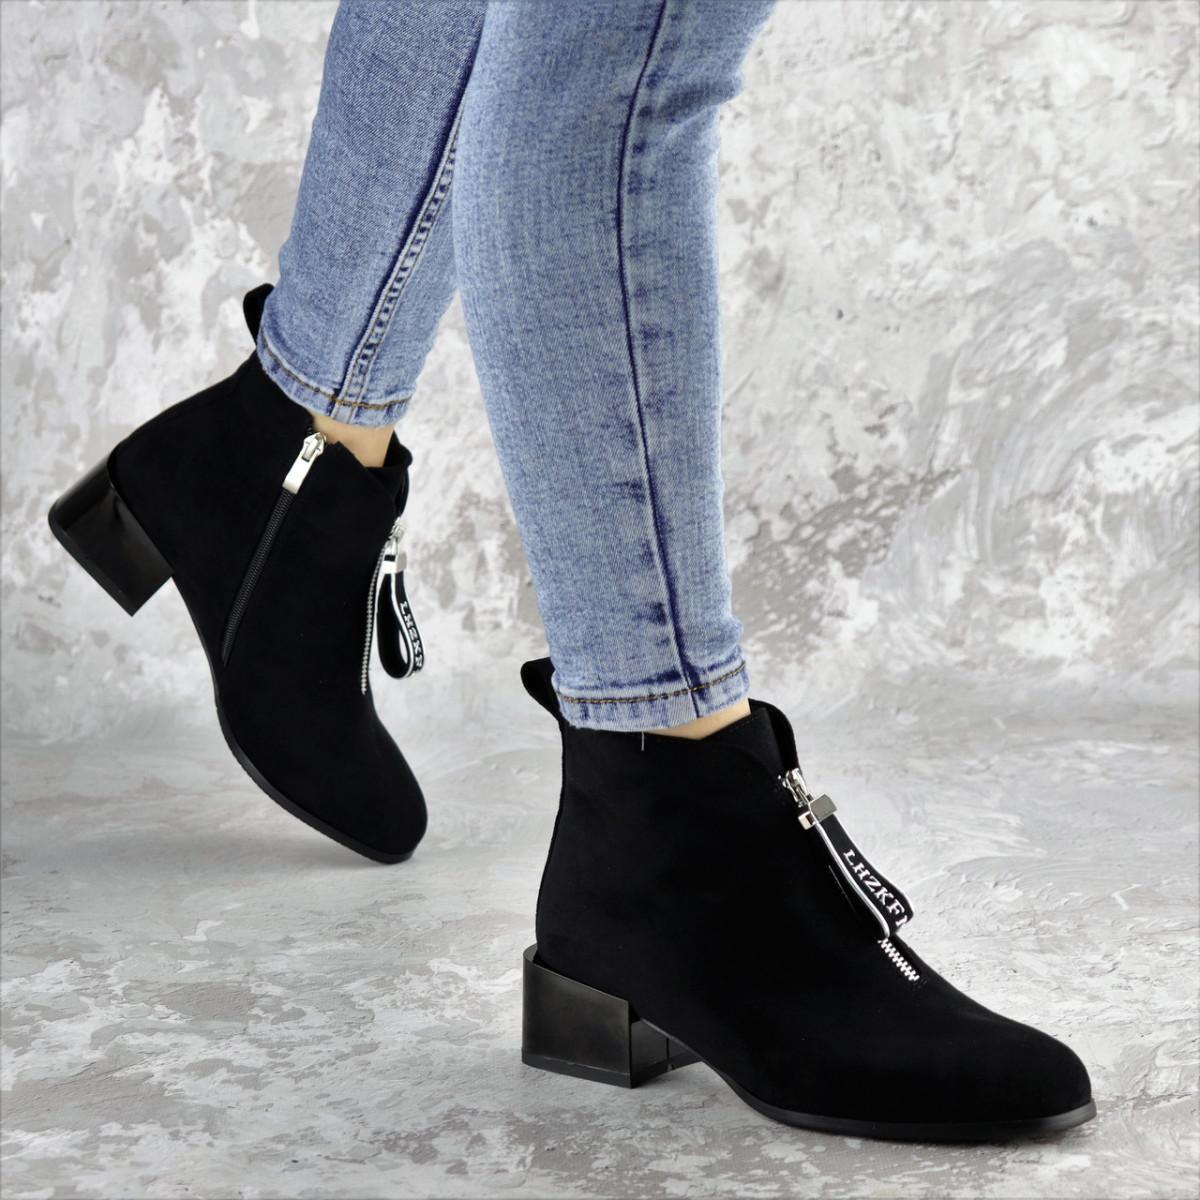 Ботинки женские черные Vulcan 2422 (36 размер)